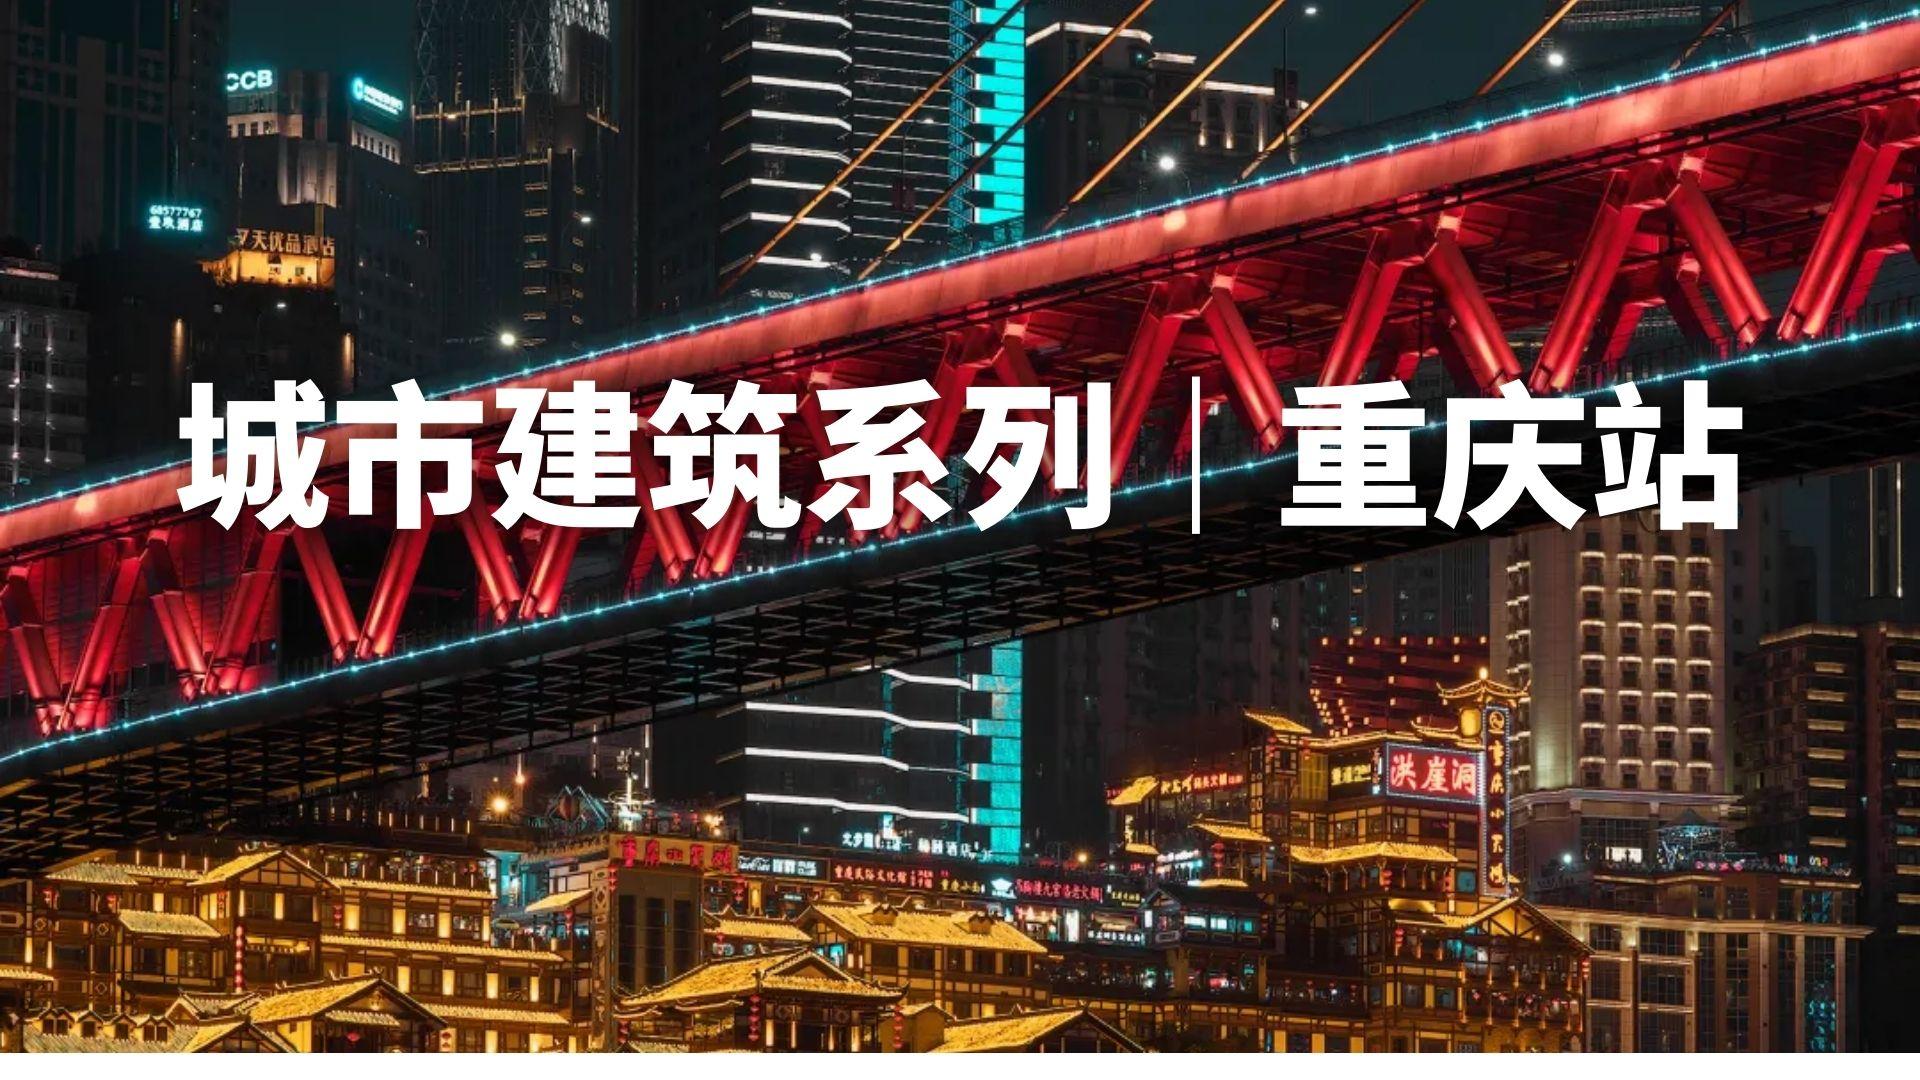 城市建筑系列|重庆站